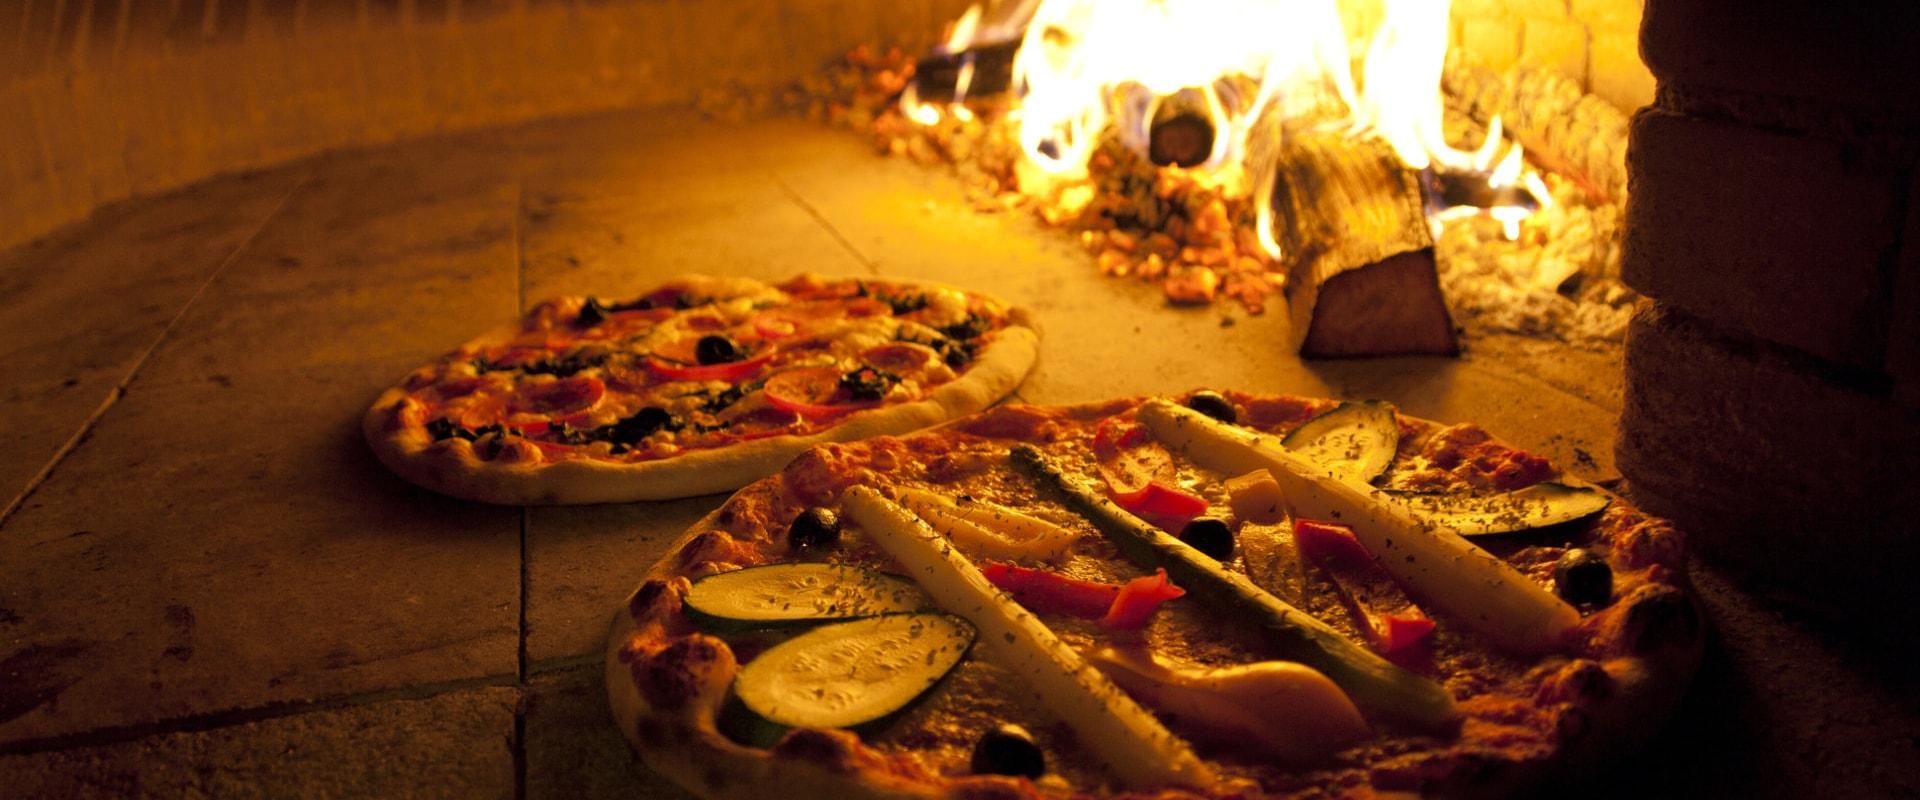 Ristorante-Pizzeria-La-Ruota-Gallarate-Pizza-Forno-A-Legna